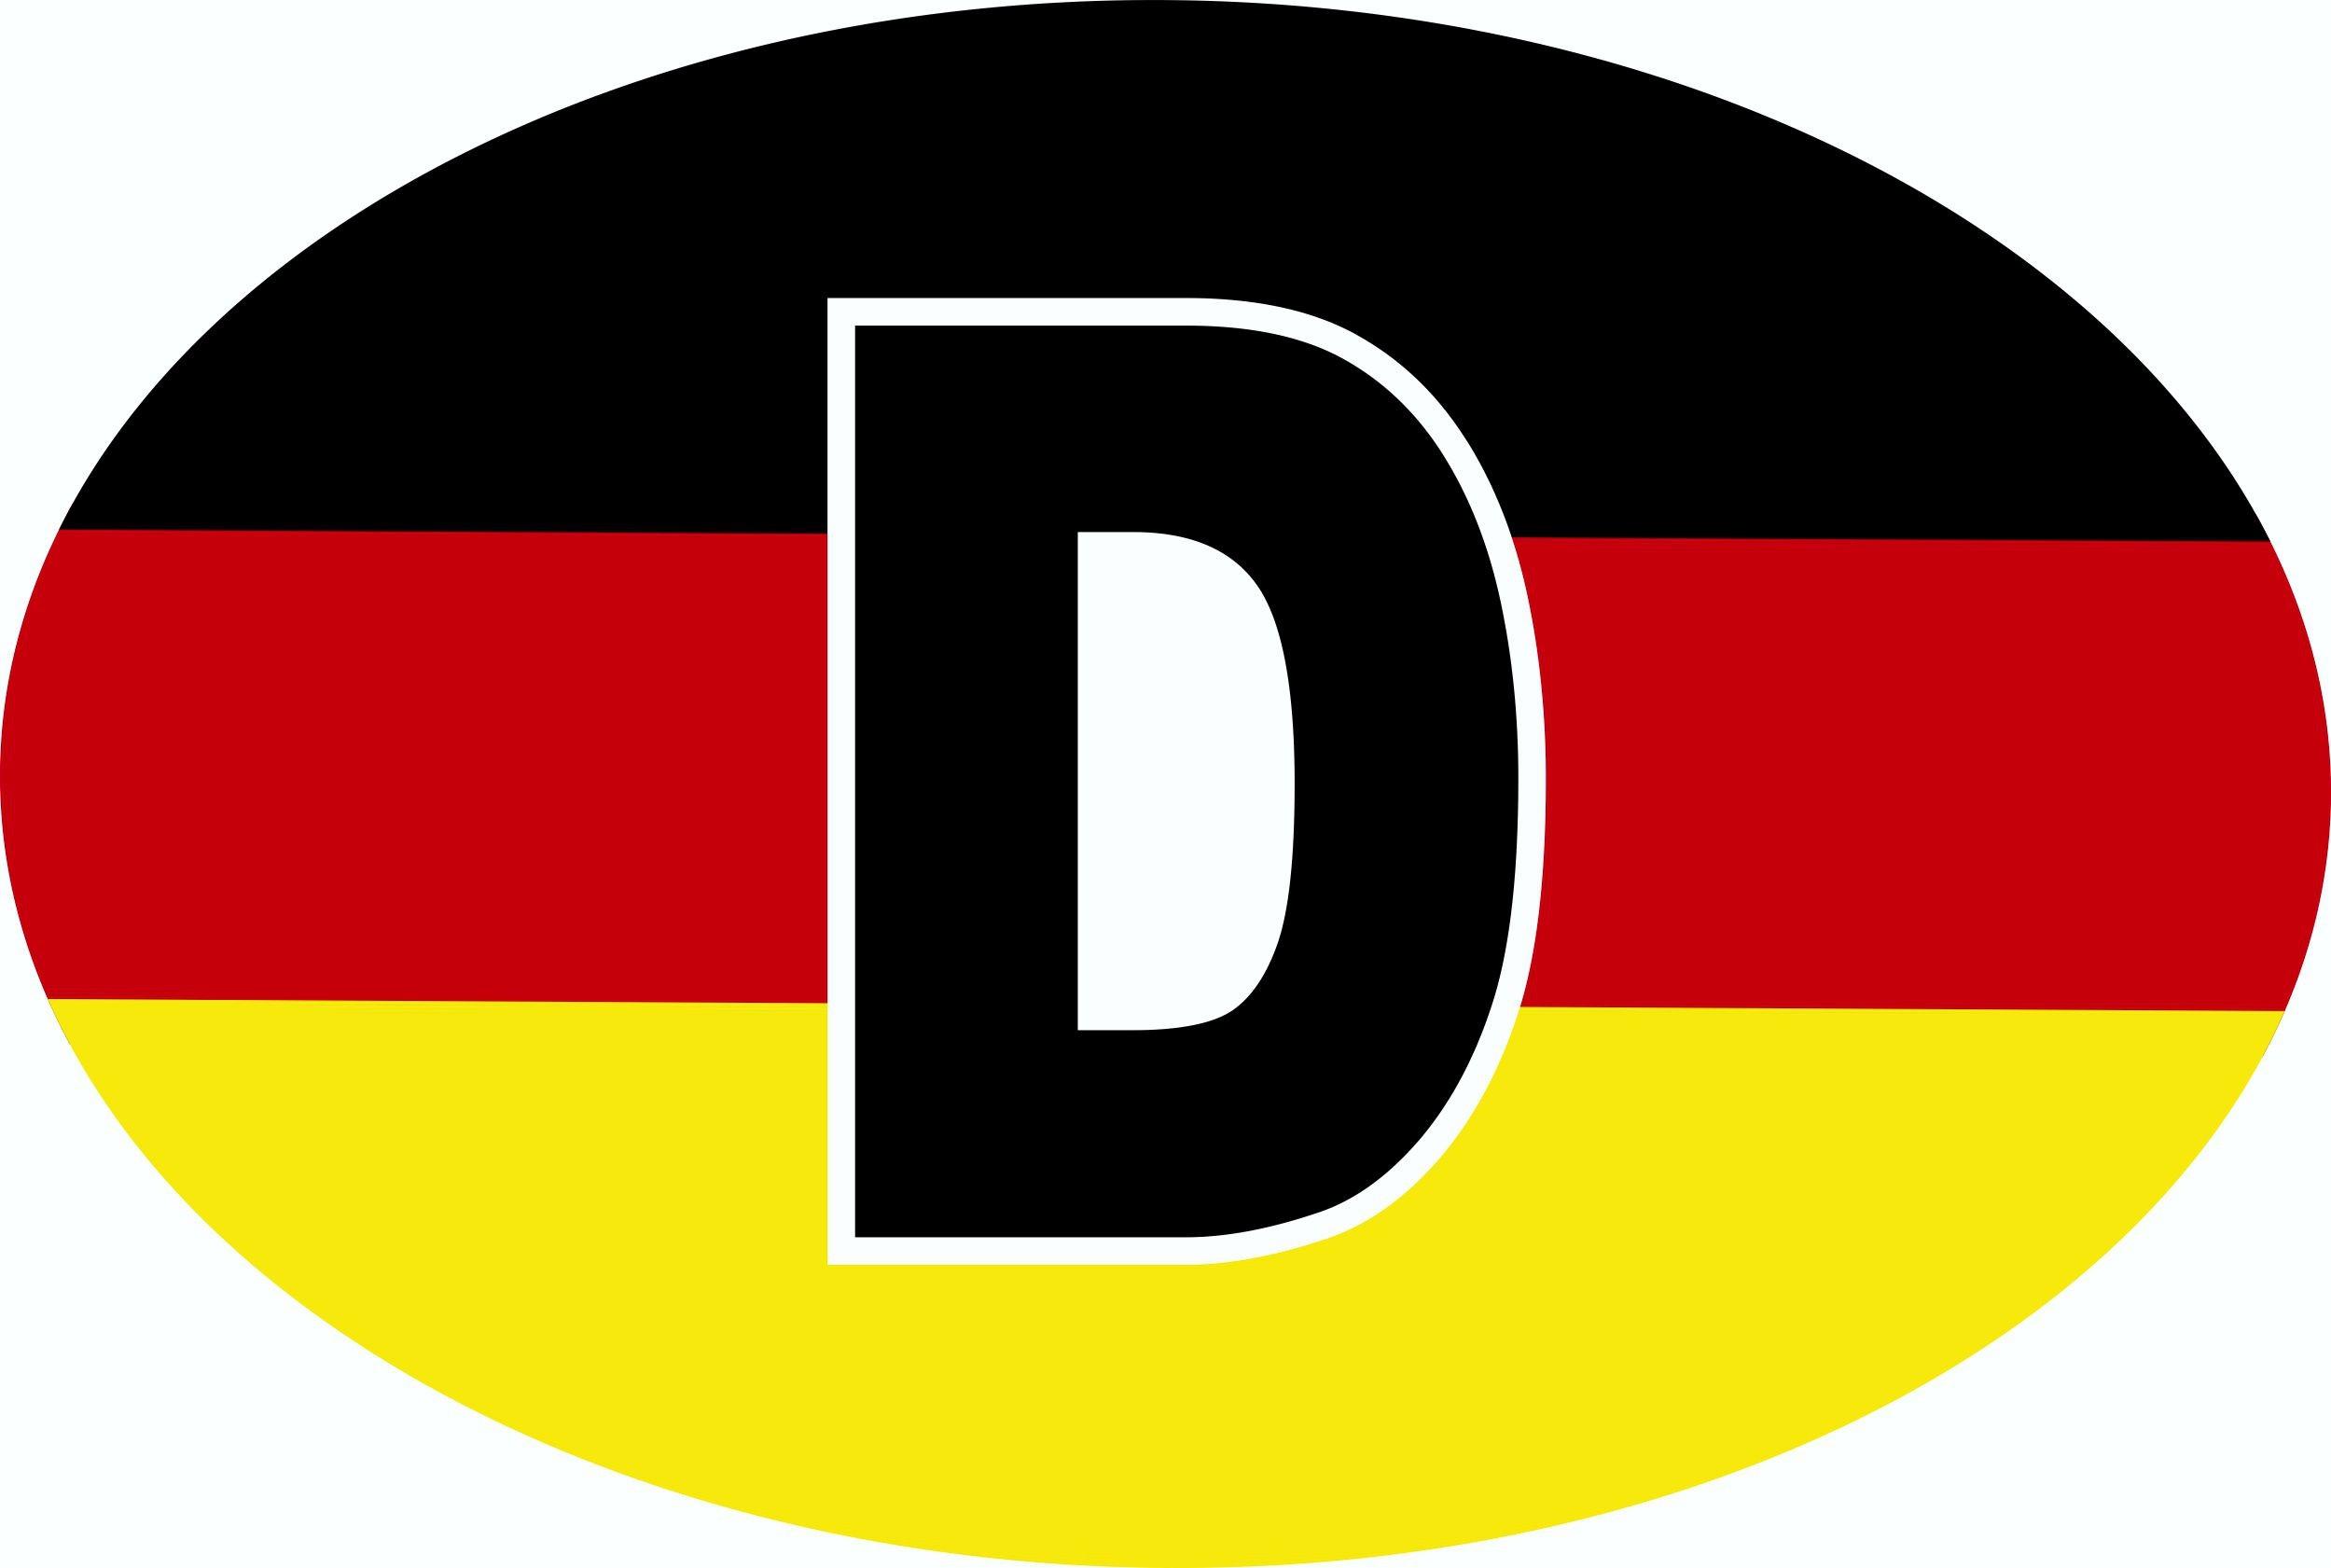 Aufkleber Deutschland-D schwarz-rot-gelb Dimension 50 x 75 mm Deutschland Fanartikel  – Bild 1